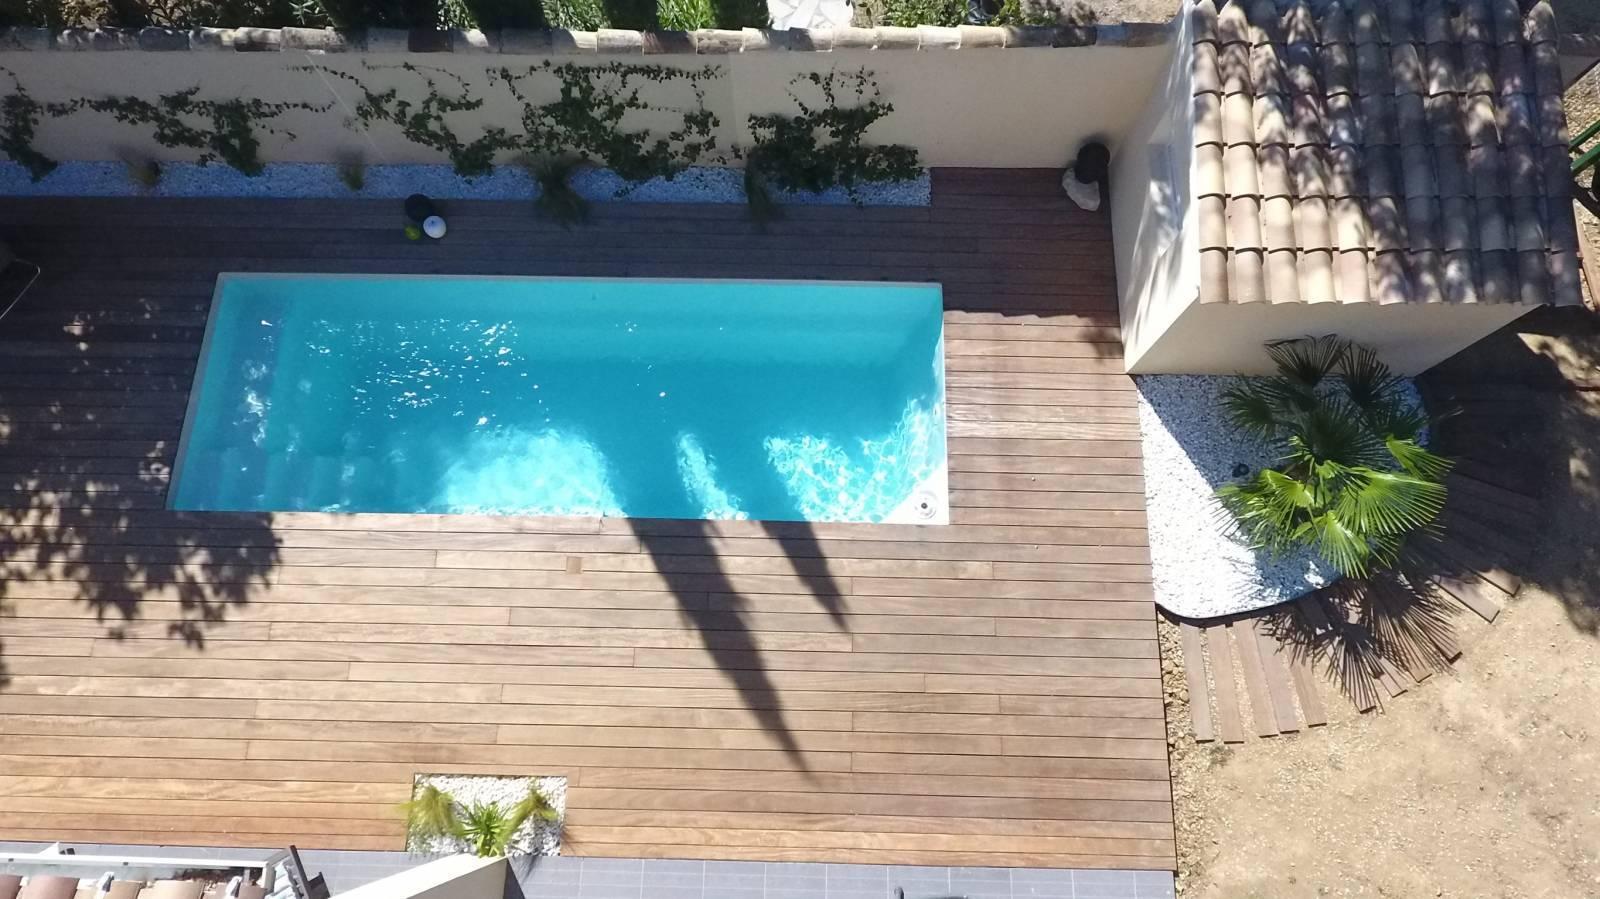 Piscine coque polyester mod le starlite xxl alliances - Renovation piscine coque polyester ...